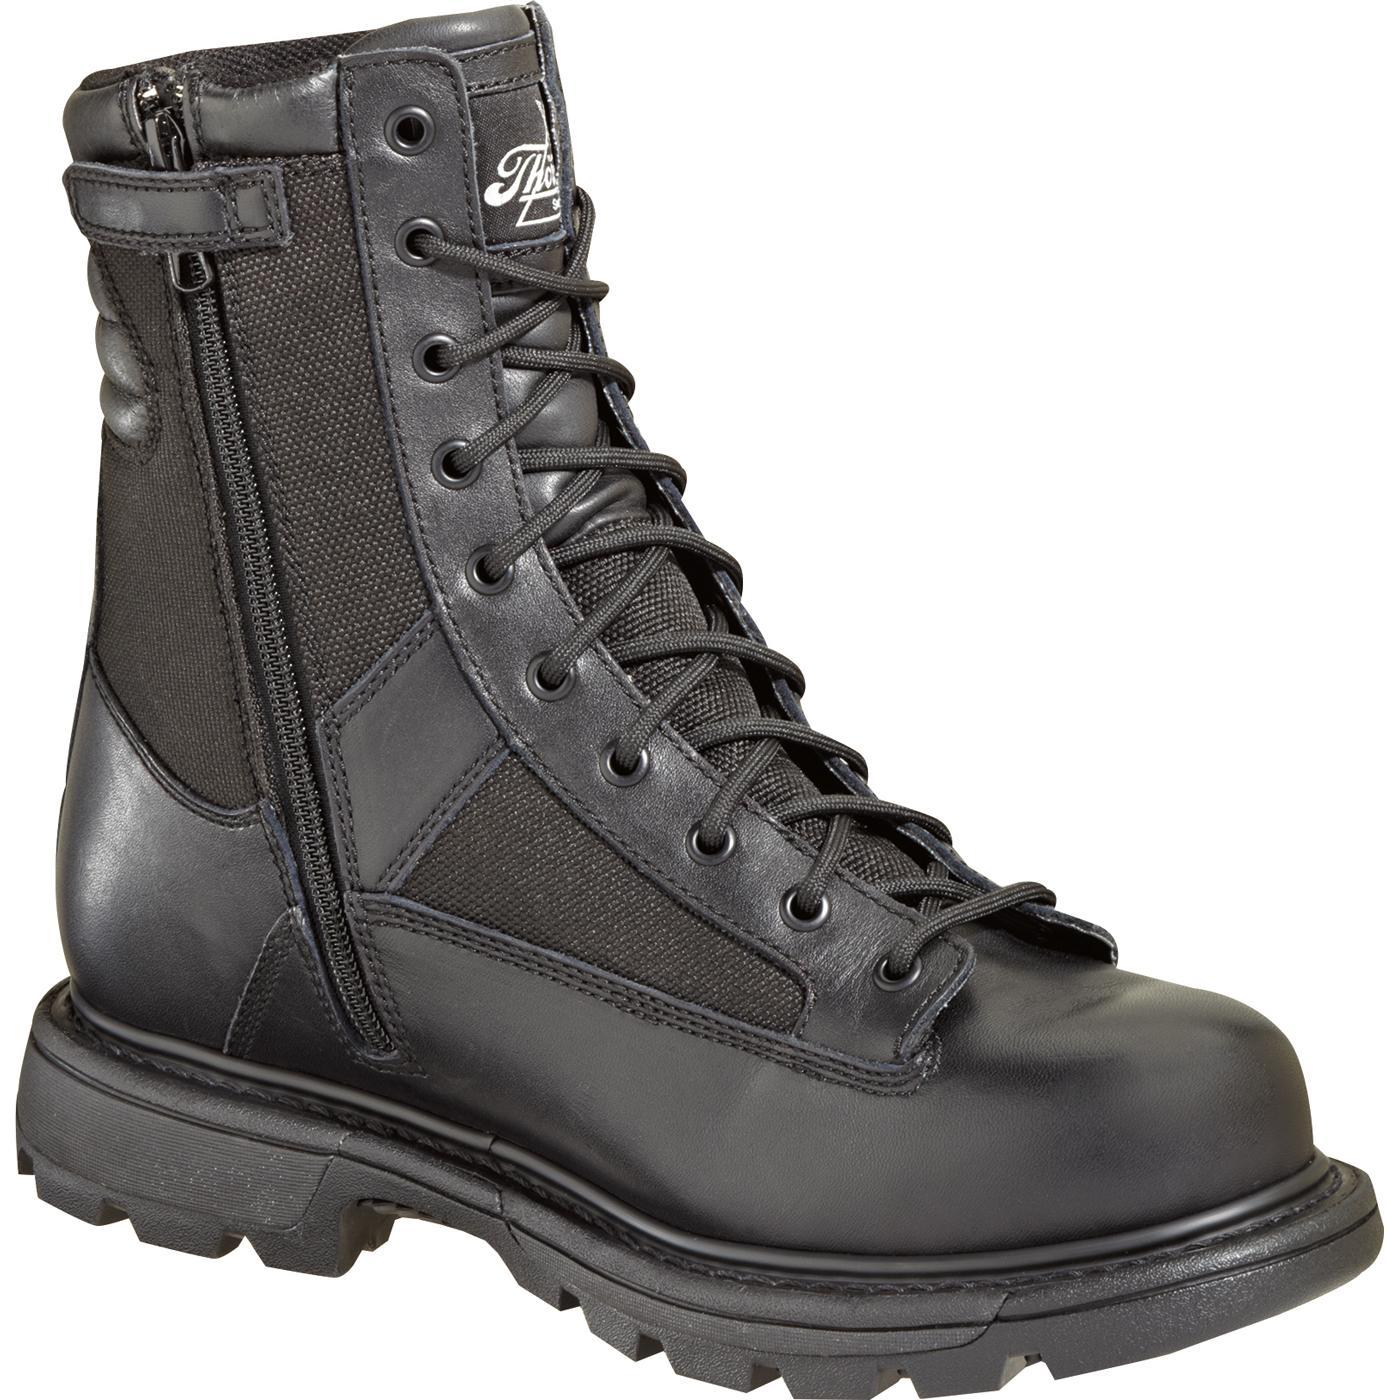 96b891c6a5b Thorogood GEN-flex2 Trooper Side-Zip Waterproof Duty Boot